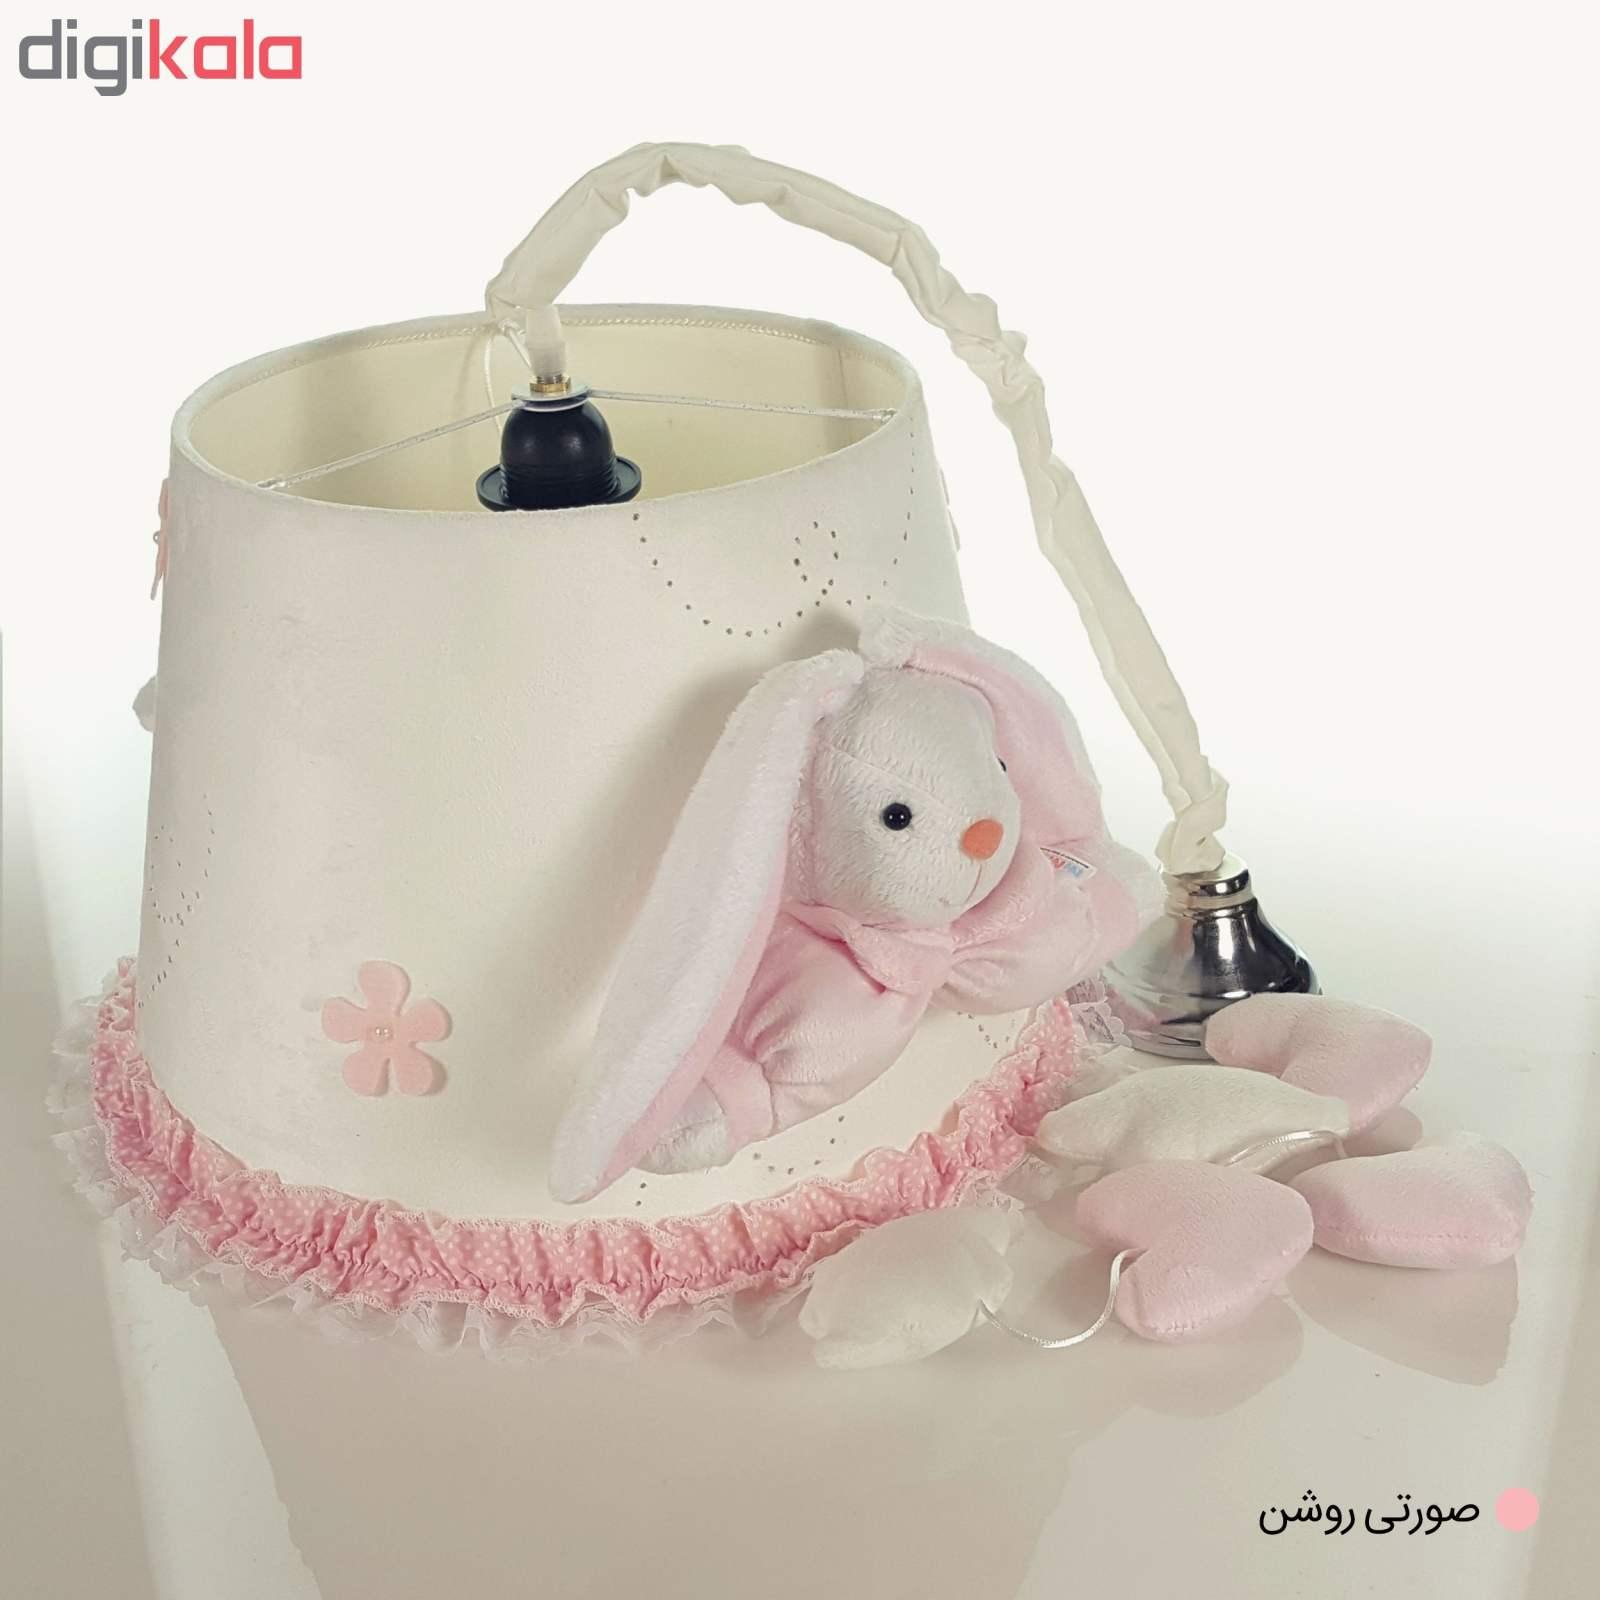 لوستر اتاق کودک طرح خرگوش رابیت main 1 2